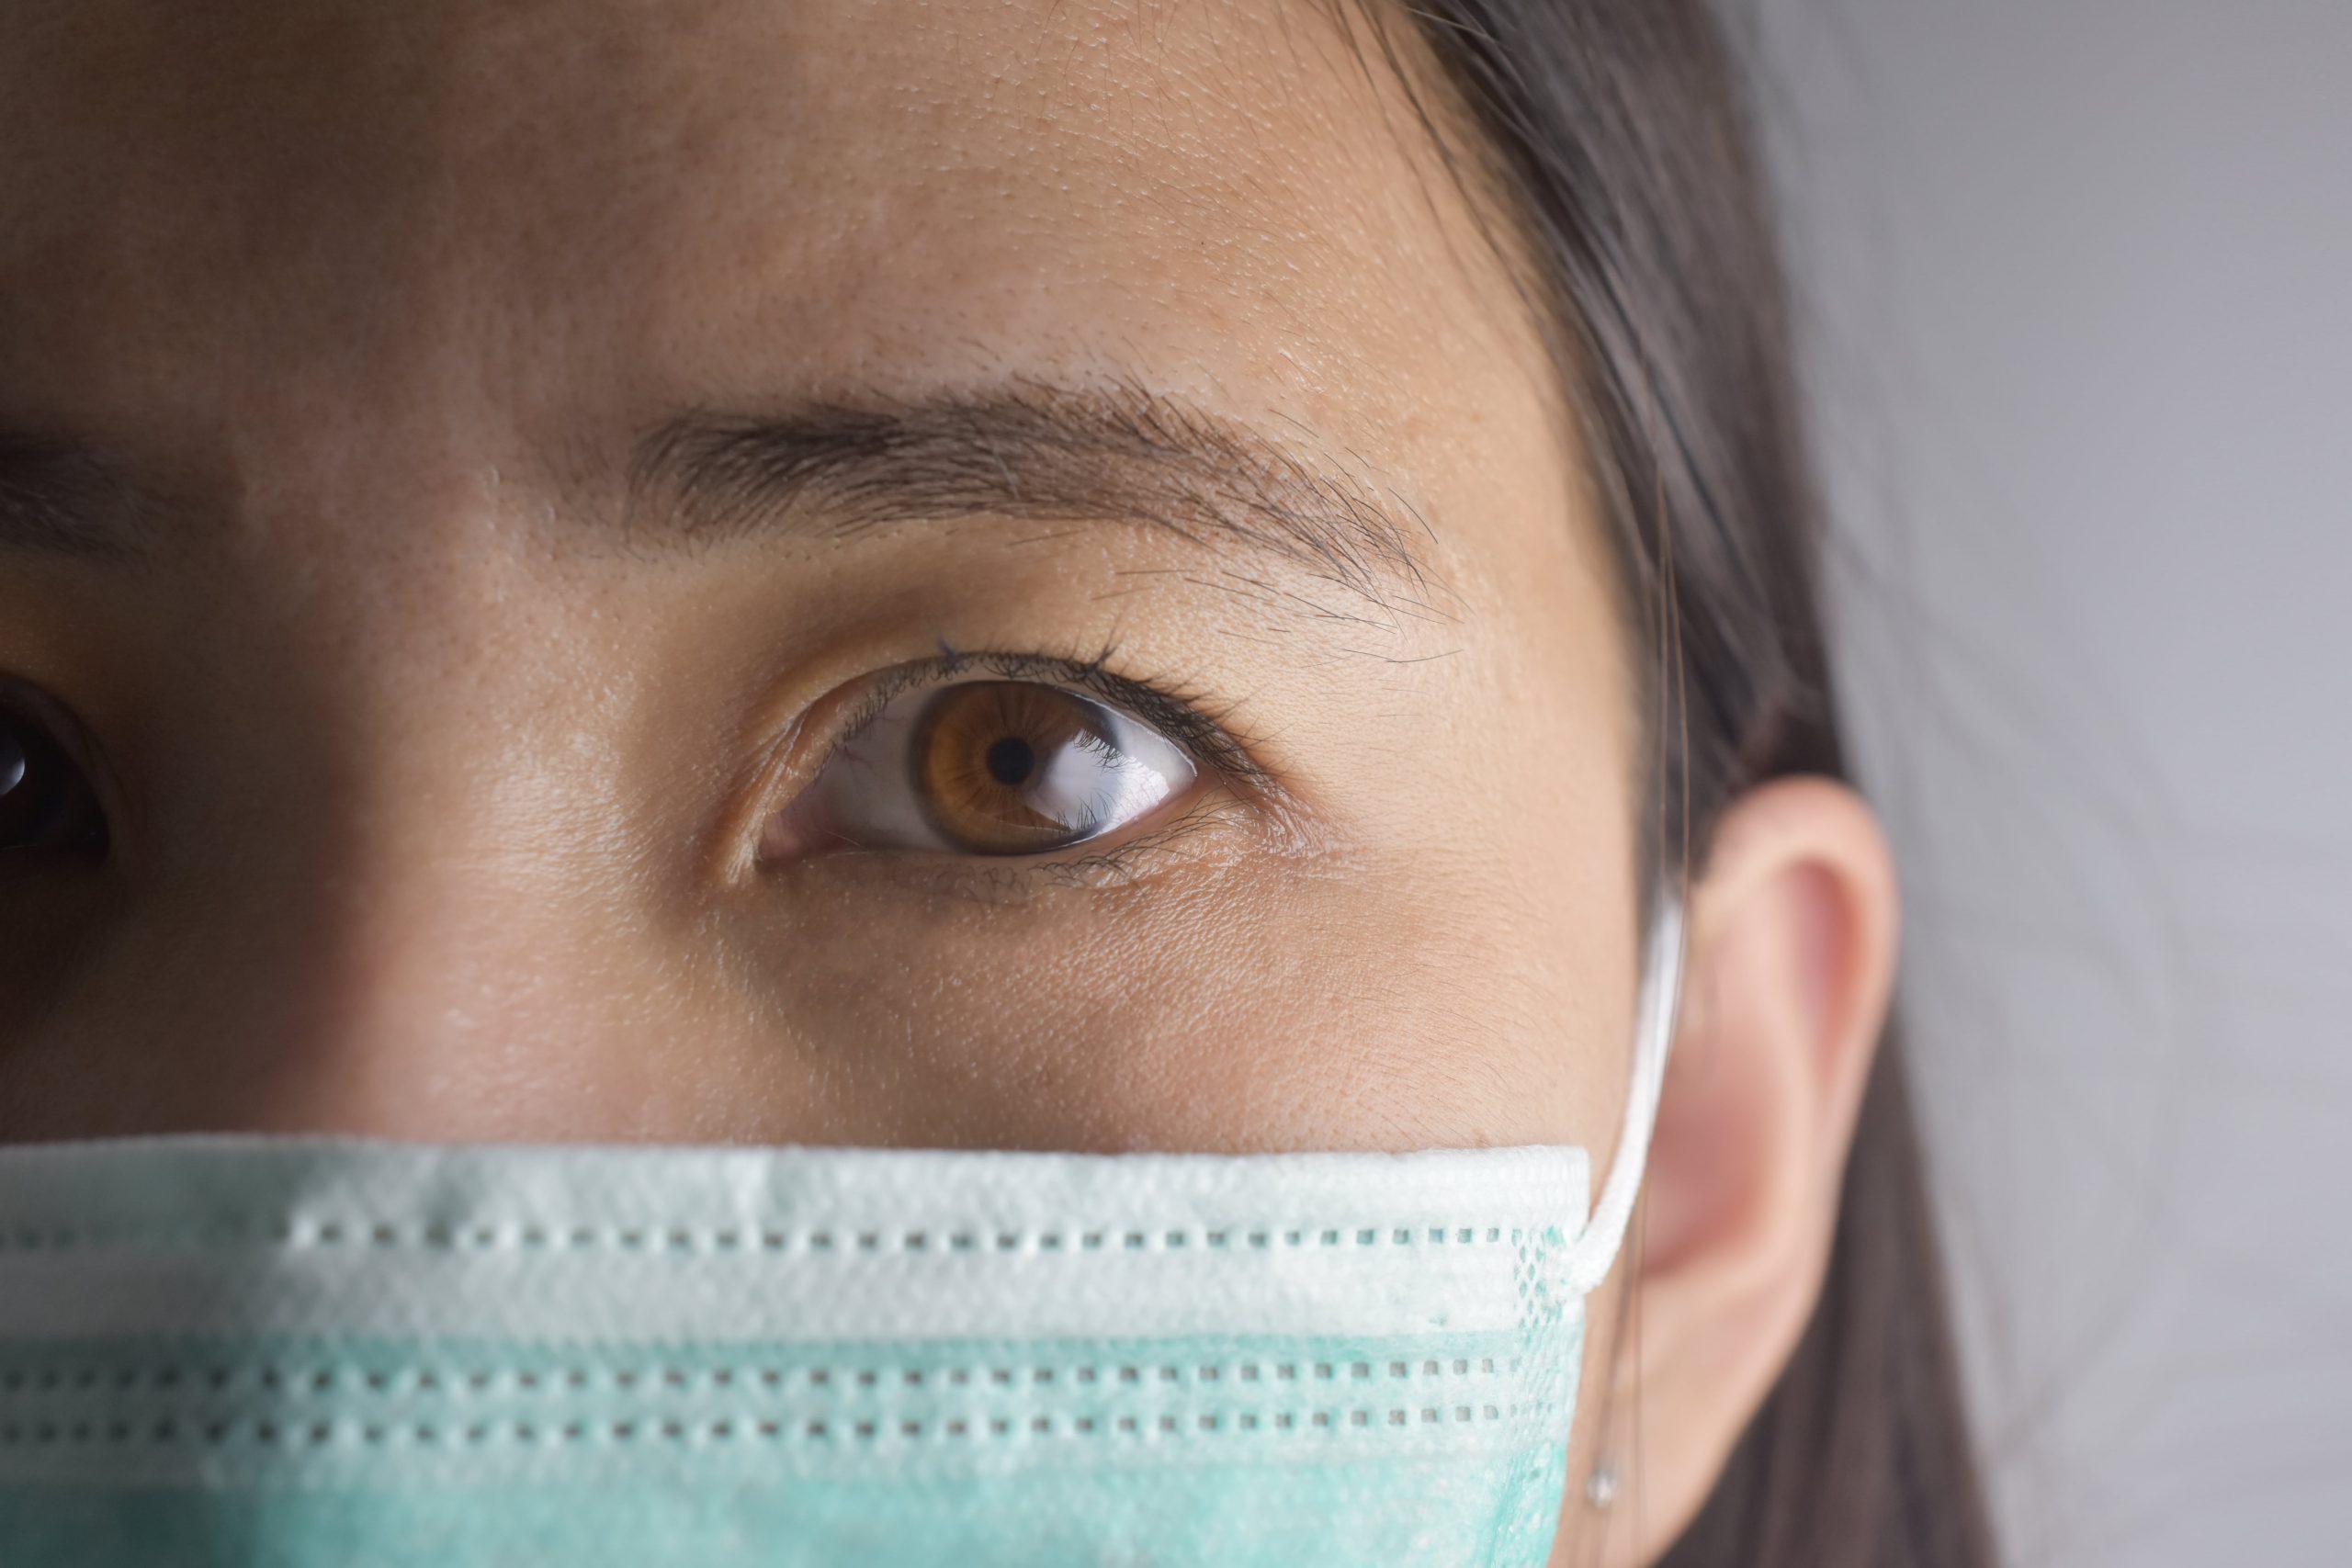 bactéria hospitalar após cirurgia plástica